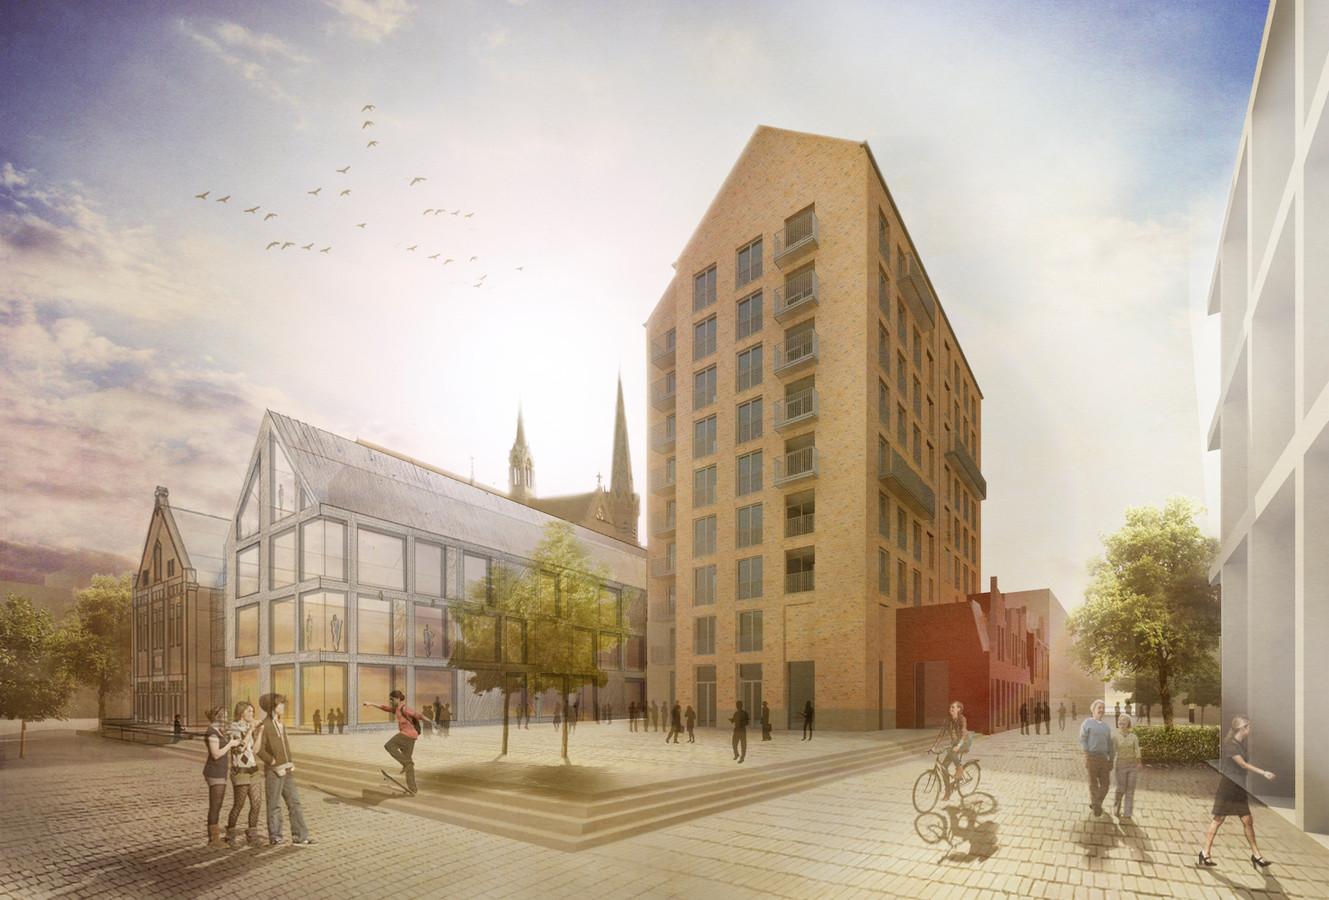 Zo moet het nieuwe plein in het Veemarktkwartier er over een kleine twee jaar uitzien. Met vlnr het Patronaat, de Lobby (voorlopig ontwerp), Pakhuis West en uiterst rechts Avec. De karakteristieke gevels van de woningen in de Veemarktstraat (rechts) blijven behouden.